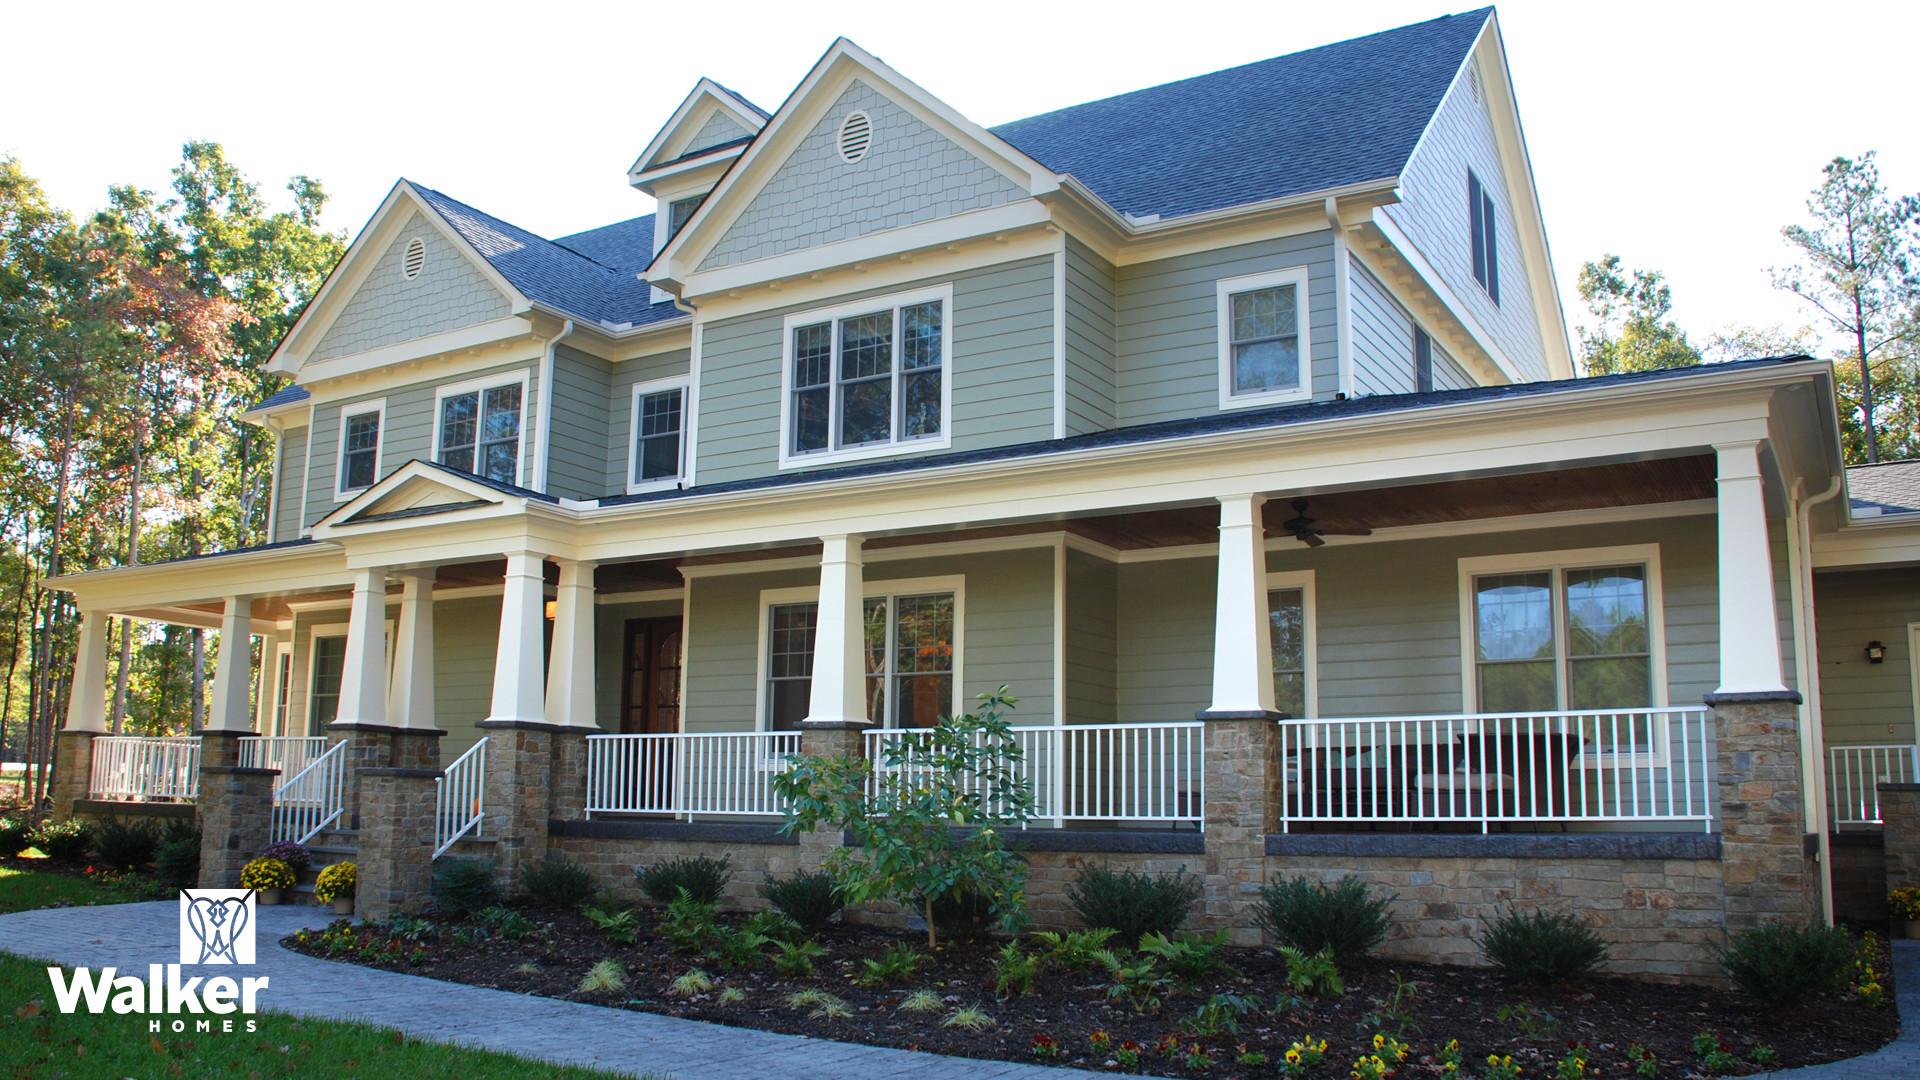 A fully custom home by Walker Homes in Glen Allen, Virginia